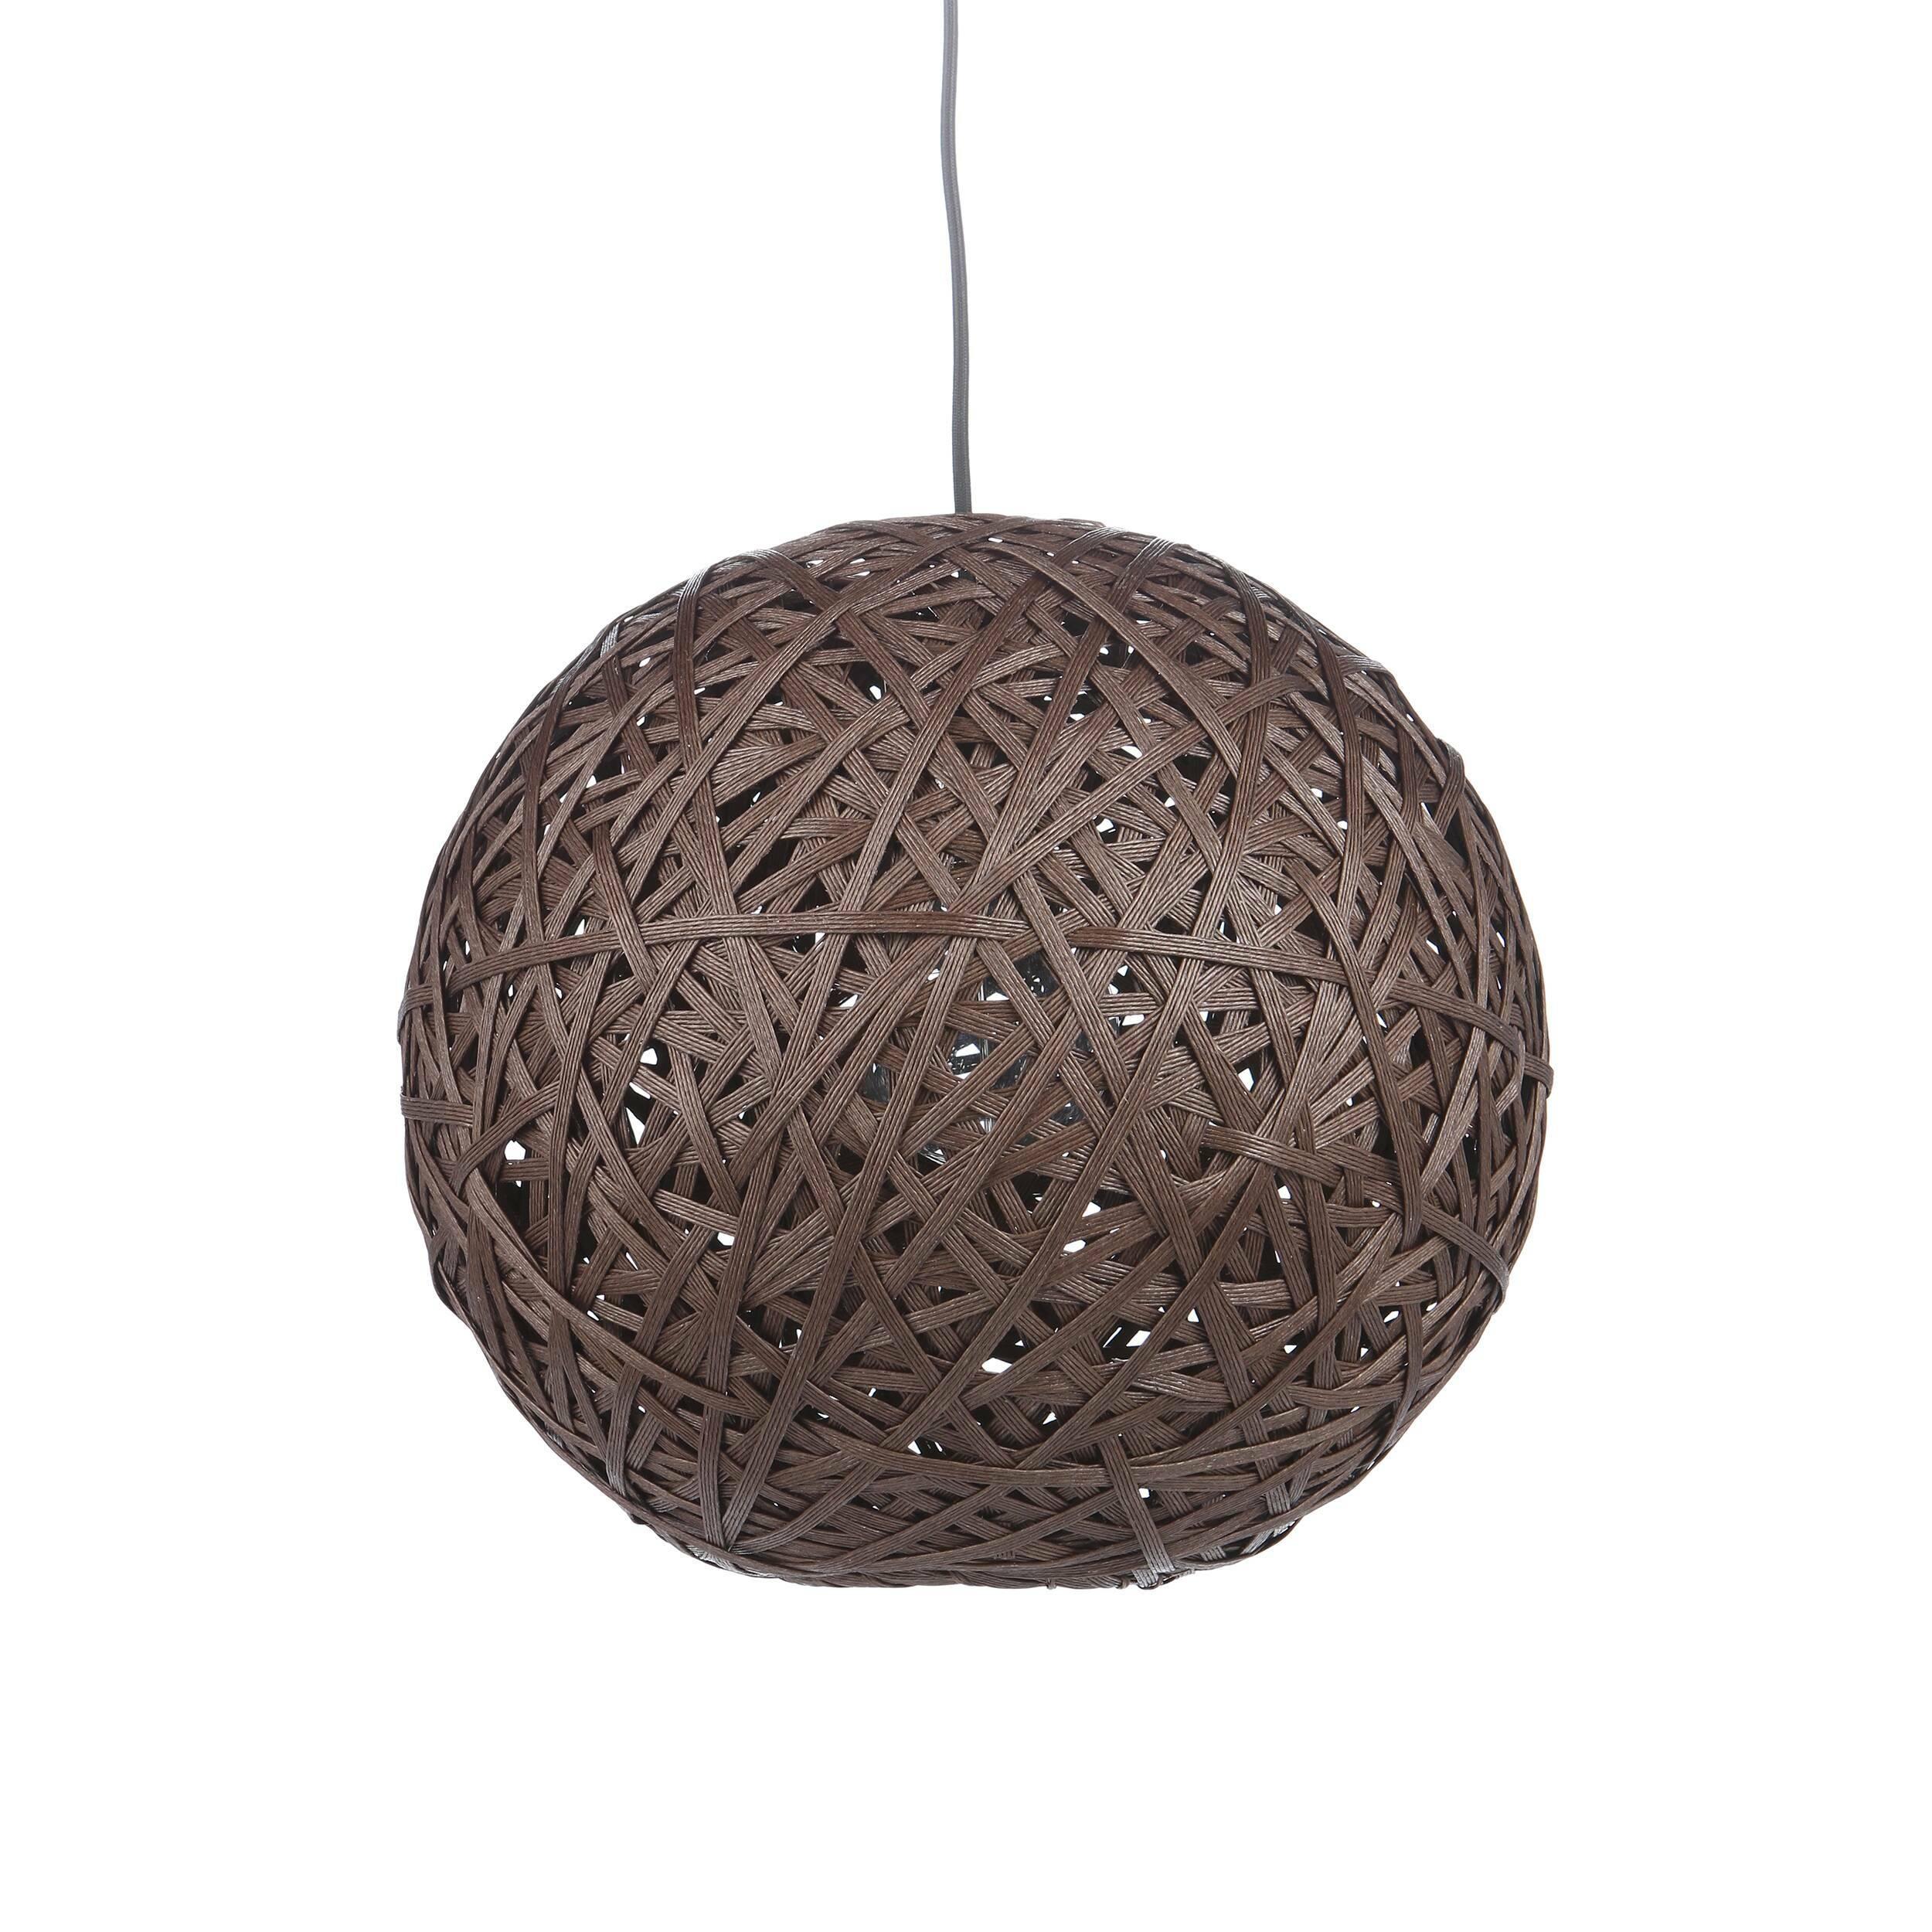 Подвесной светильник Nest BallПодвесные<br>Порой чтобы создать по-настоящему стильный интерьер, совершенно не обязательно прибегать к покупке дорогостоящего наполнения. Очень важно достигнуть баланса простоты и стиля мебели, света и декора. Подвесной светильник Nest Ball — это отличный инструмент, с которым можно создать сдержанный, но стильный дизайн помещения для жизни. <br> <br> Благодаря шарообразной форме абажура, светильник создает необычный световой рисунок на стенах — один из последних трендов в мире дизайна интерьеров. Это уникал...<br><br>stock: 22<br>Высота: 150<br>Диаметр: 40<br>Количество ламп: 1<br>Материал абажура: Бумага<br>Материал арматуры: Металл<br>Мощность лампы: 40<br>Ламп в комплекте: Нет<br>Напряжение: 220-240<br>Тип лампы/цоколь: E27<br>Цвет абажура: Коричневый<br>Цвет арматуры: Черный матовый<br>Цвет провода: Черный